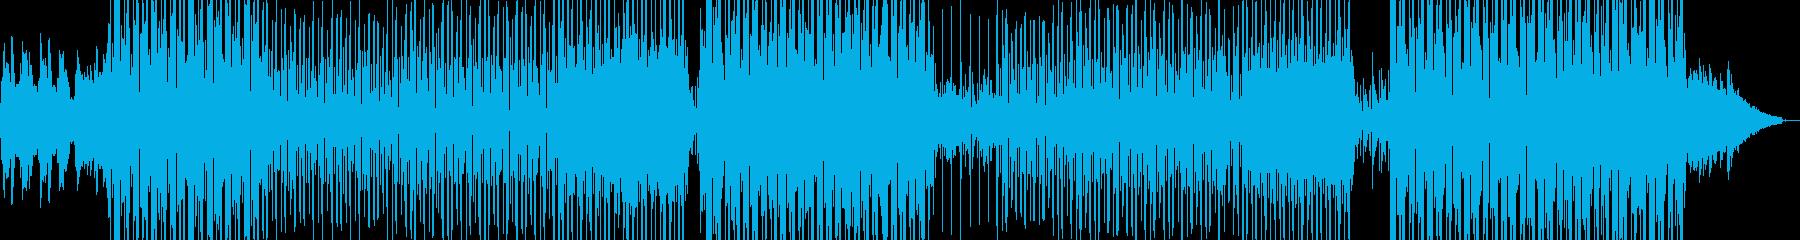 倦怠感が漂うようになったR&Bの再生済みの波形